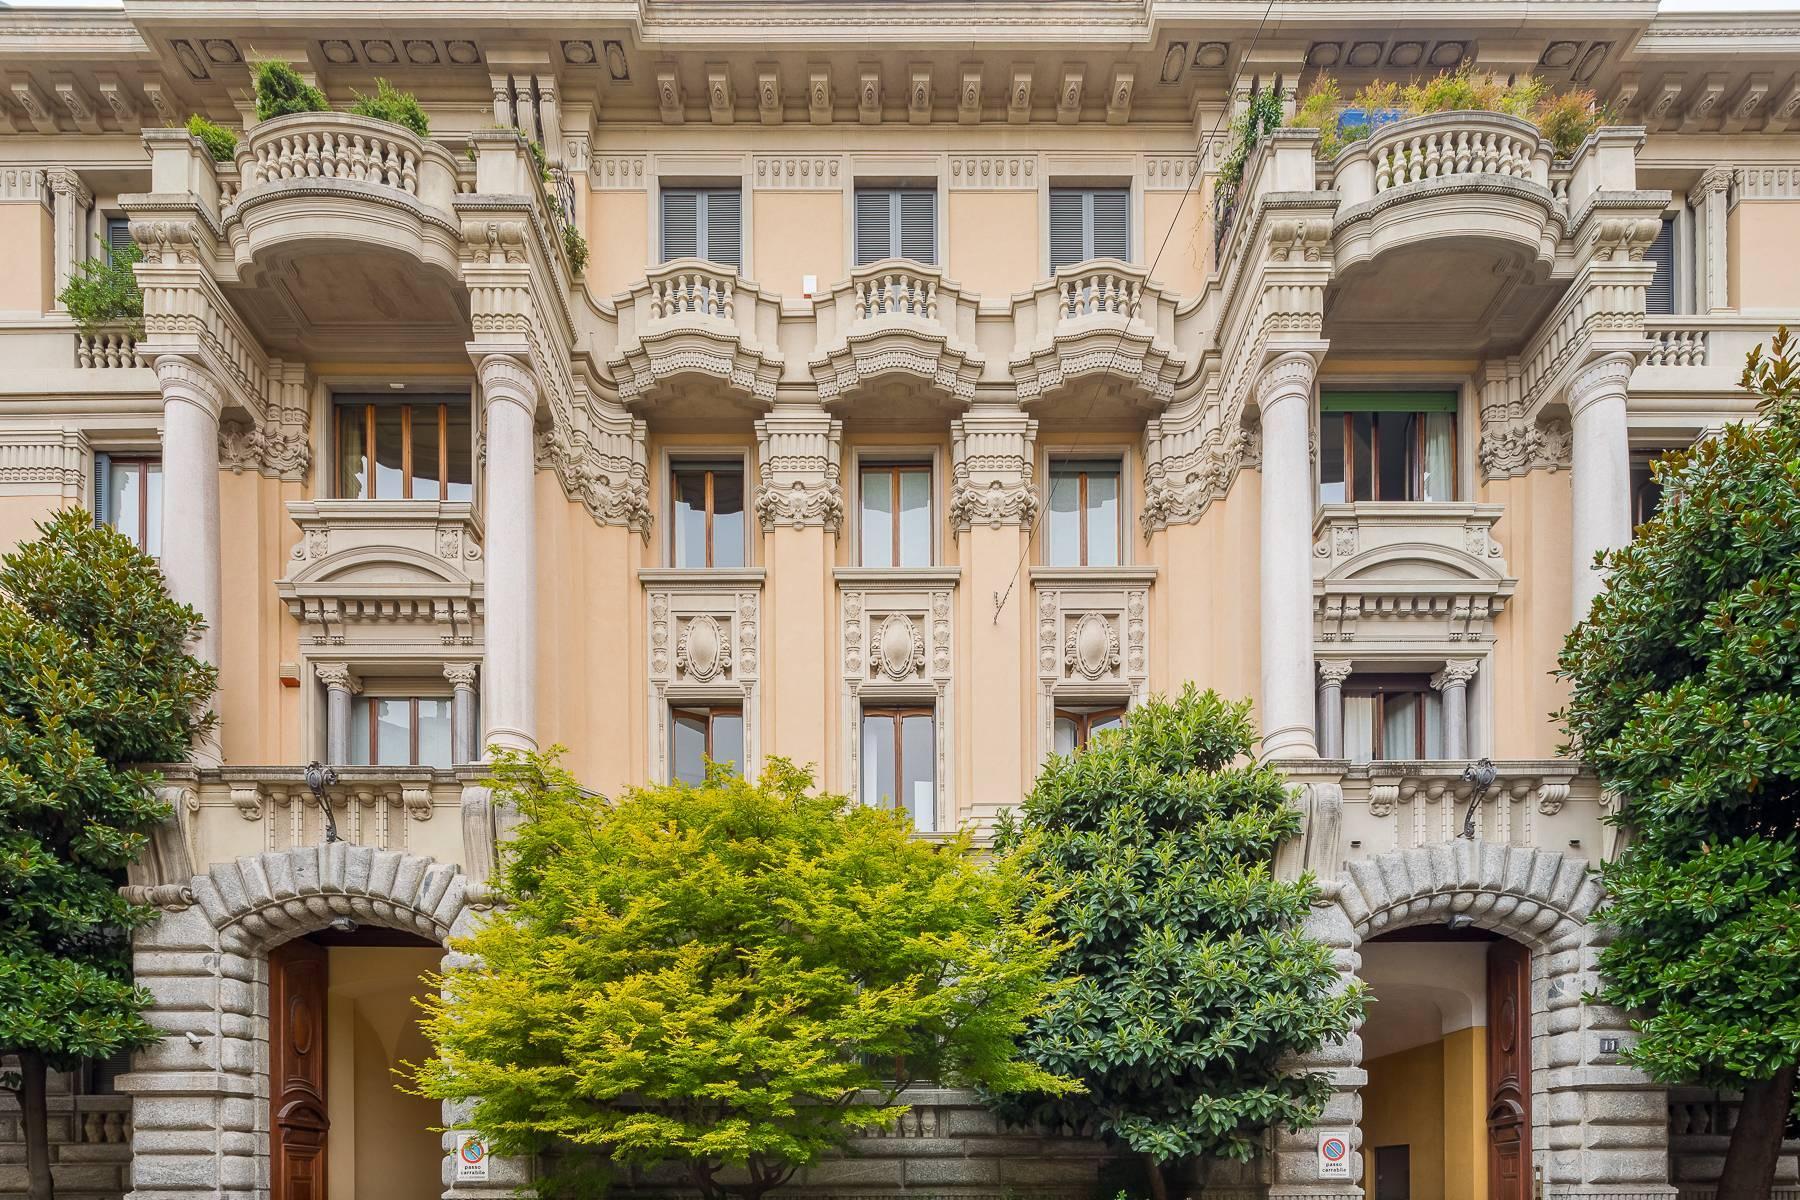 Renovierte Wohnung im eleganten antiken Gebäude - 11